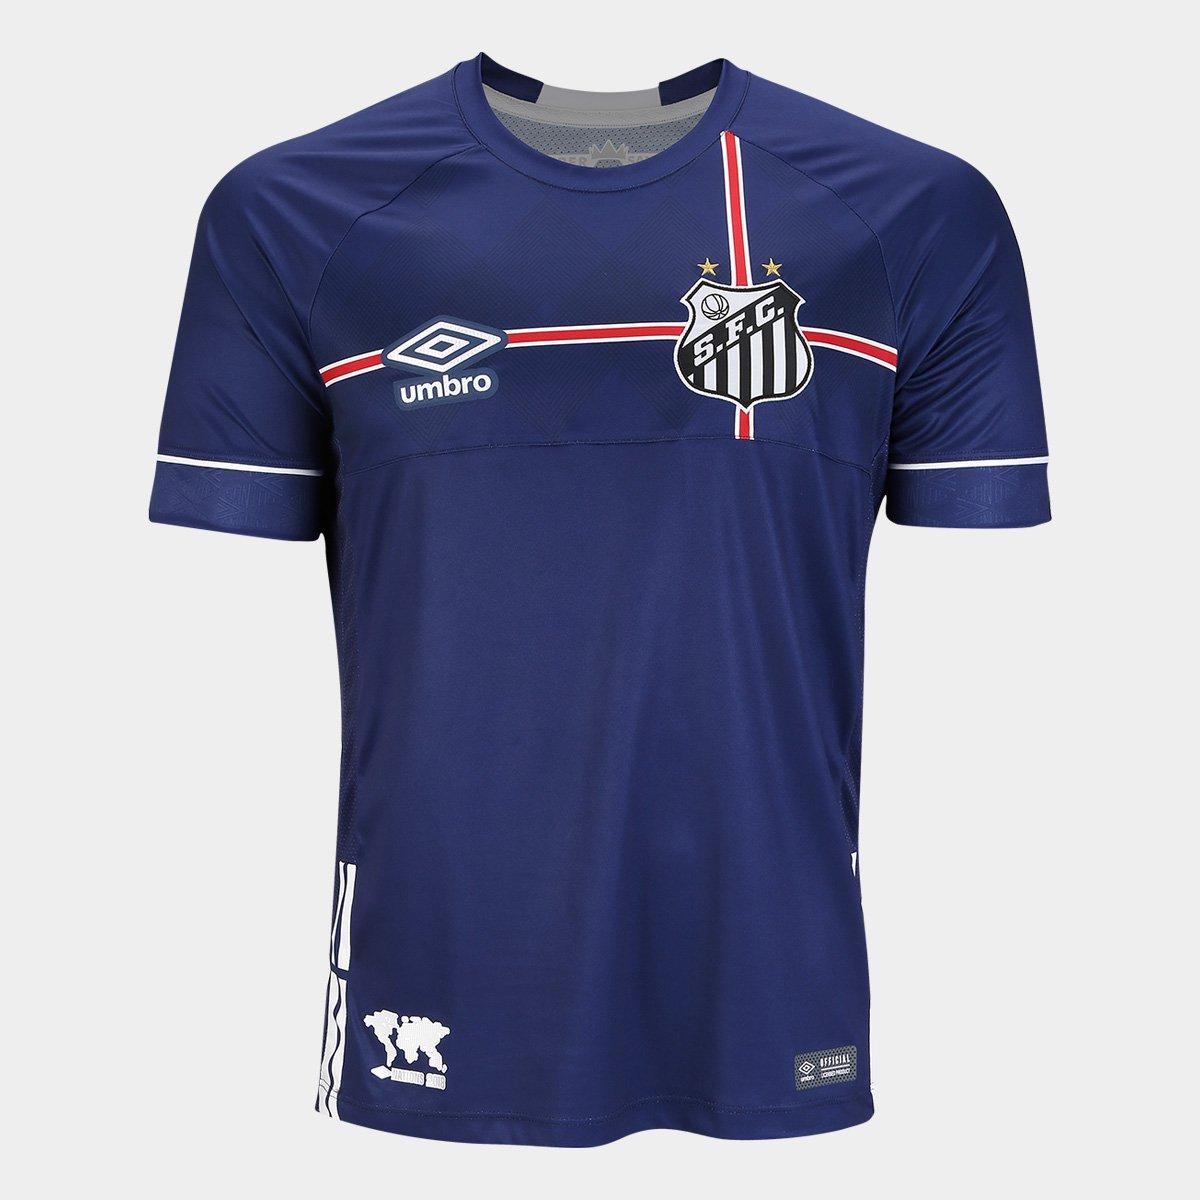 95c5e4cd4bff2 Camisa Santos 2018 s n° The Kingdom - Torcedor Umbro Masculina - Marinho e  Branco - Compre Agora